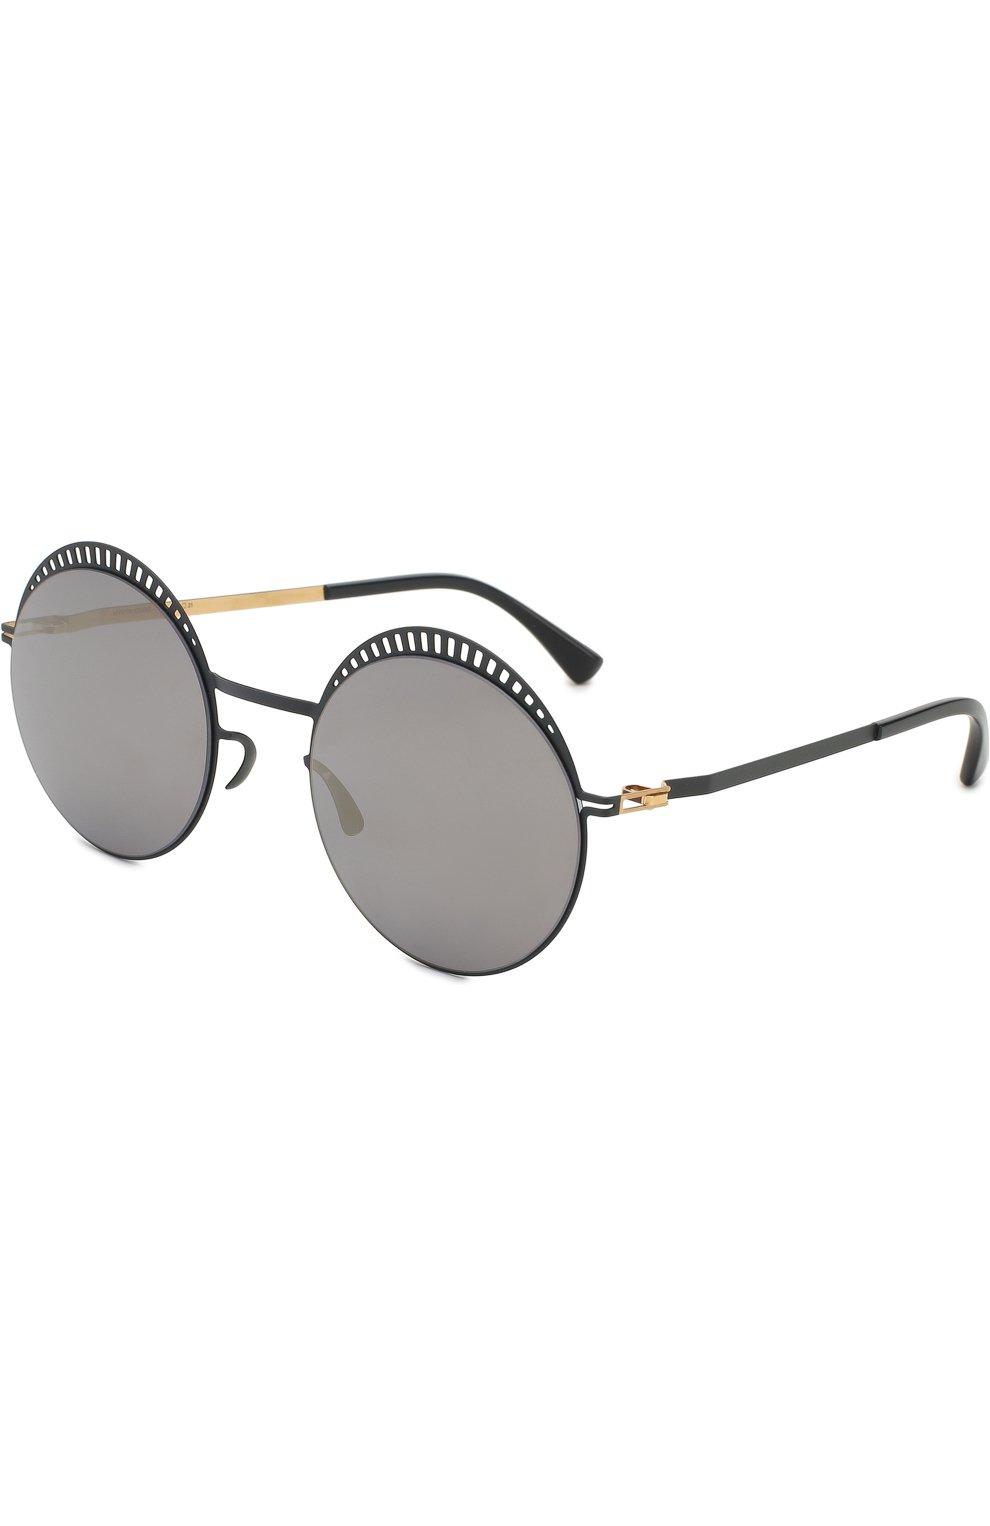 Женские солнцезащитные очки MYKITA черного цвета, арт. STUDI0 1.4/INDIG0/G0LD/BRILLIANTBLUE | Фото 1